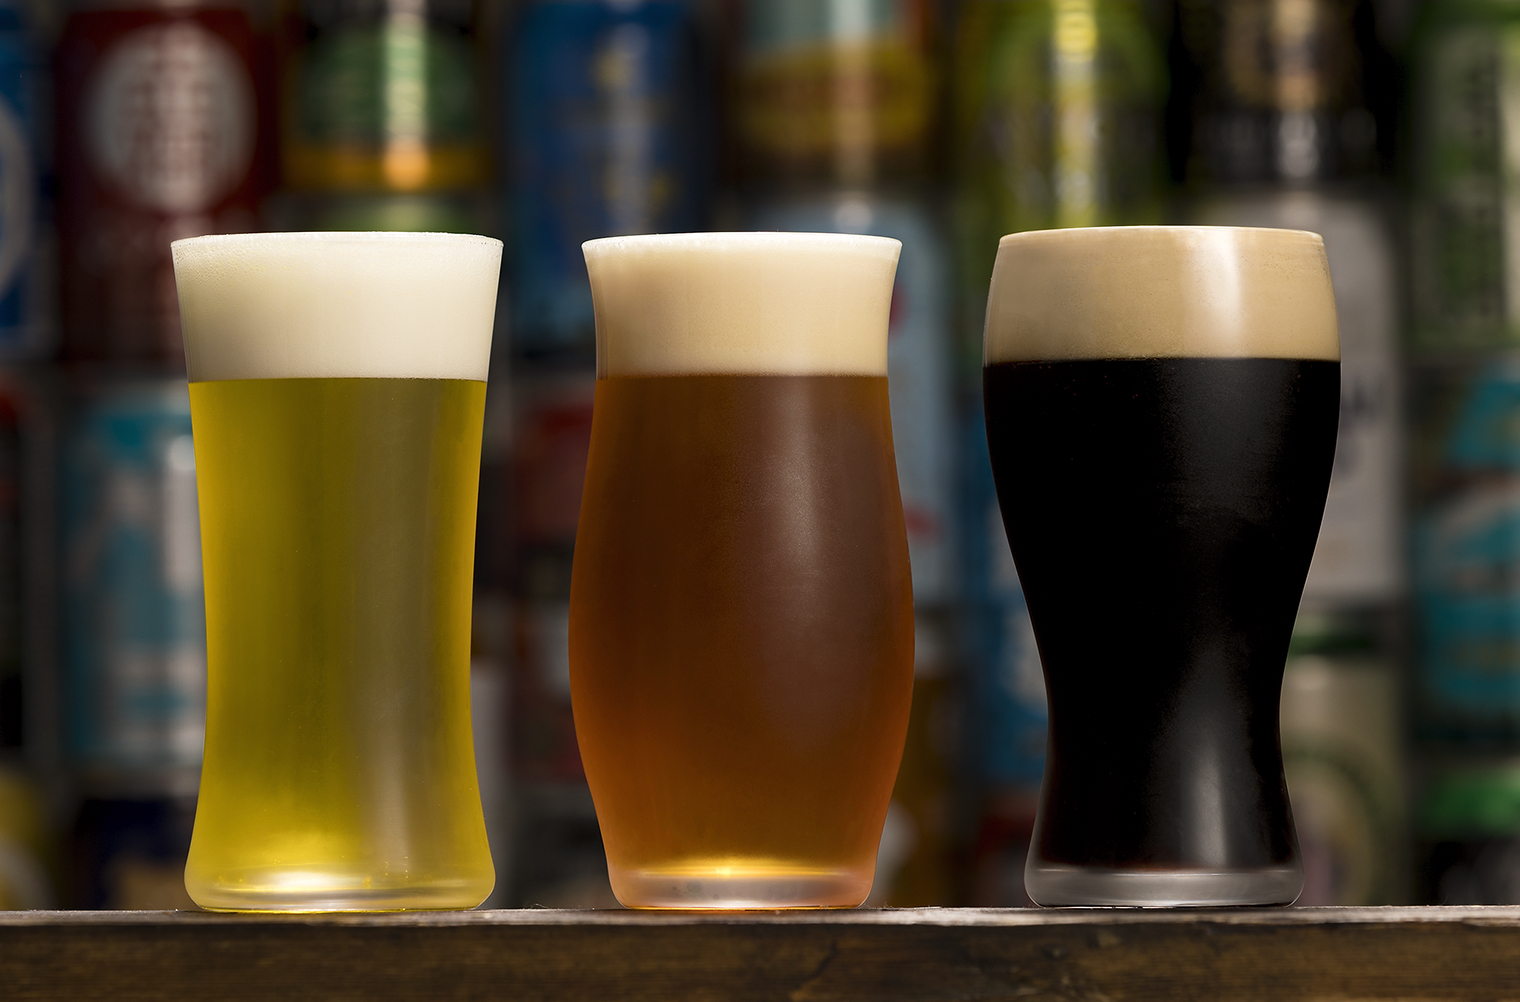 クラフトビールのうまさ引き出す!クラフトビア・マスター